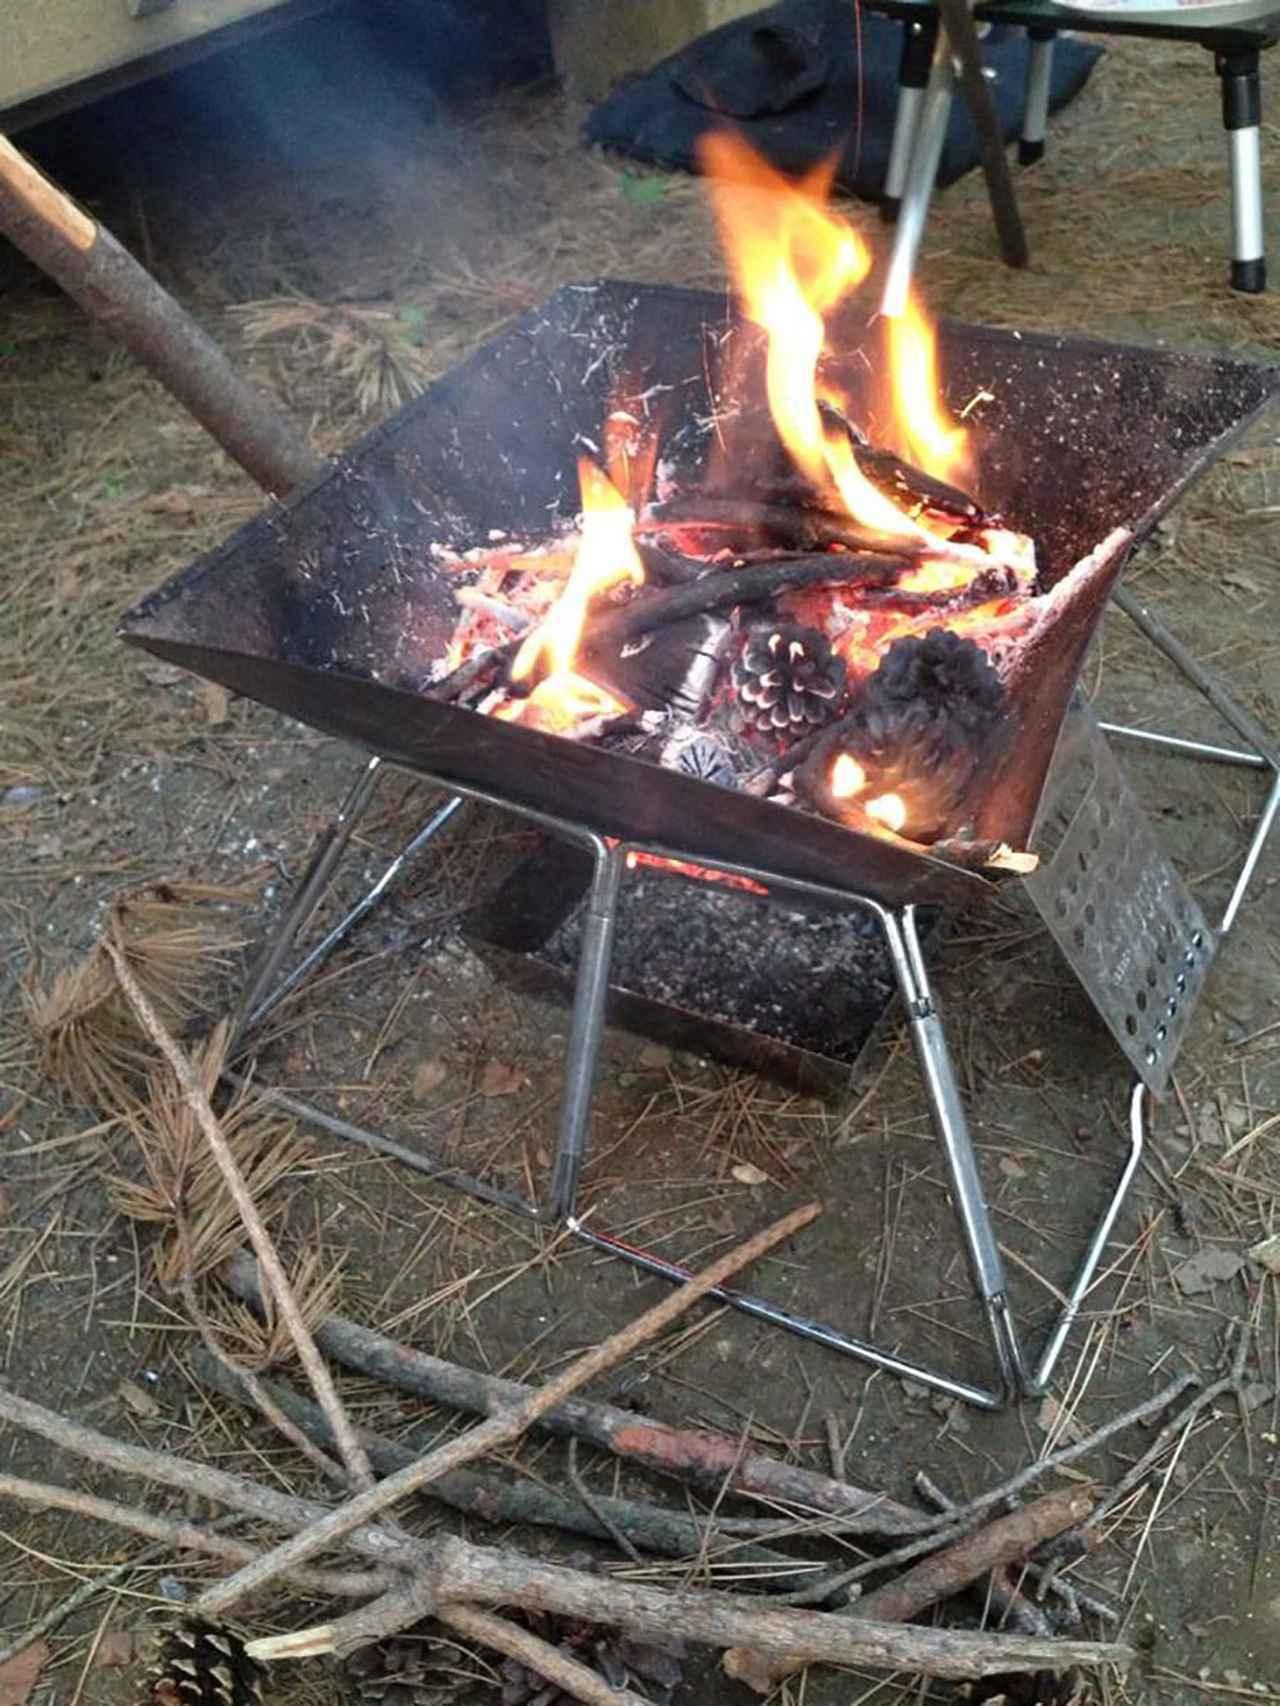 画像1: 「やりっぱなし」は絶対NG! 必ず守ってほしい焚き火のこと